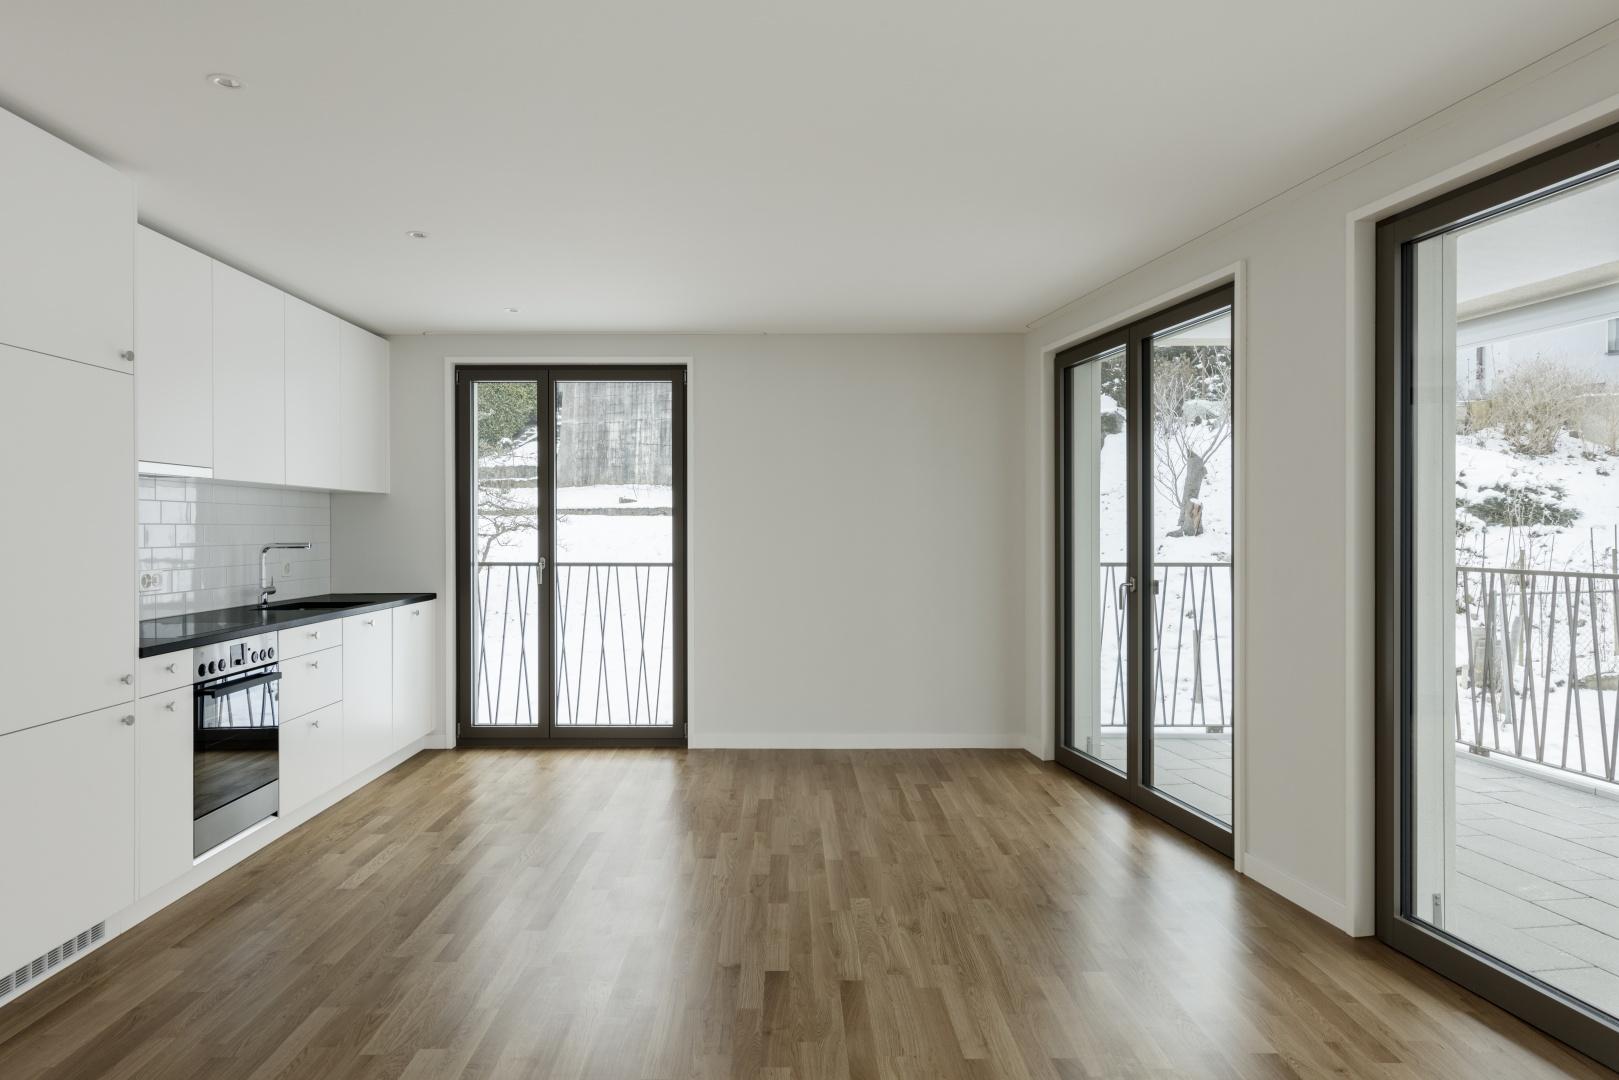 Küchen- und Essbereich © Beat Bühler